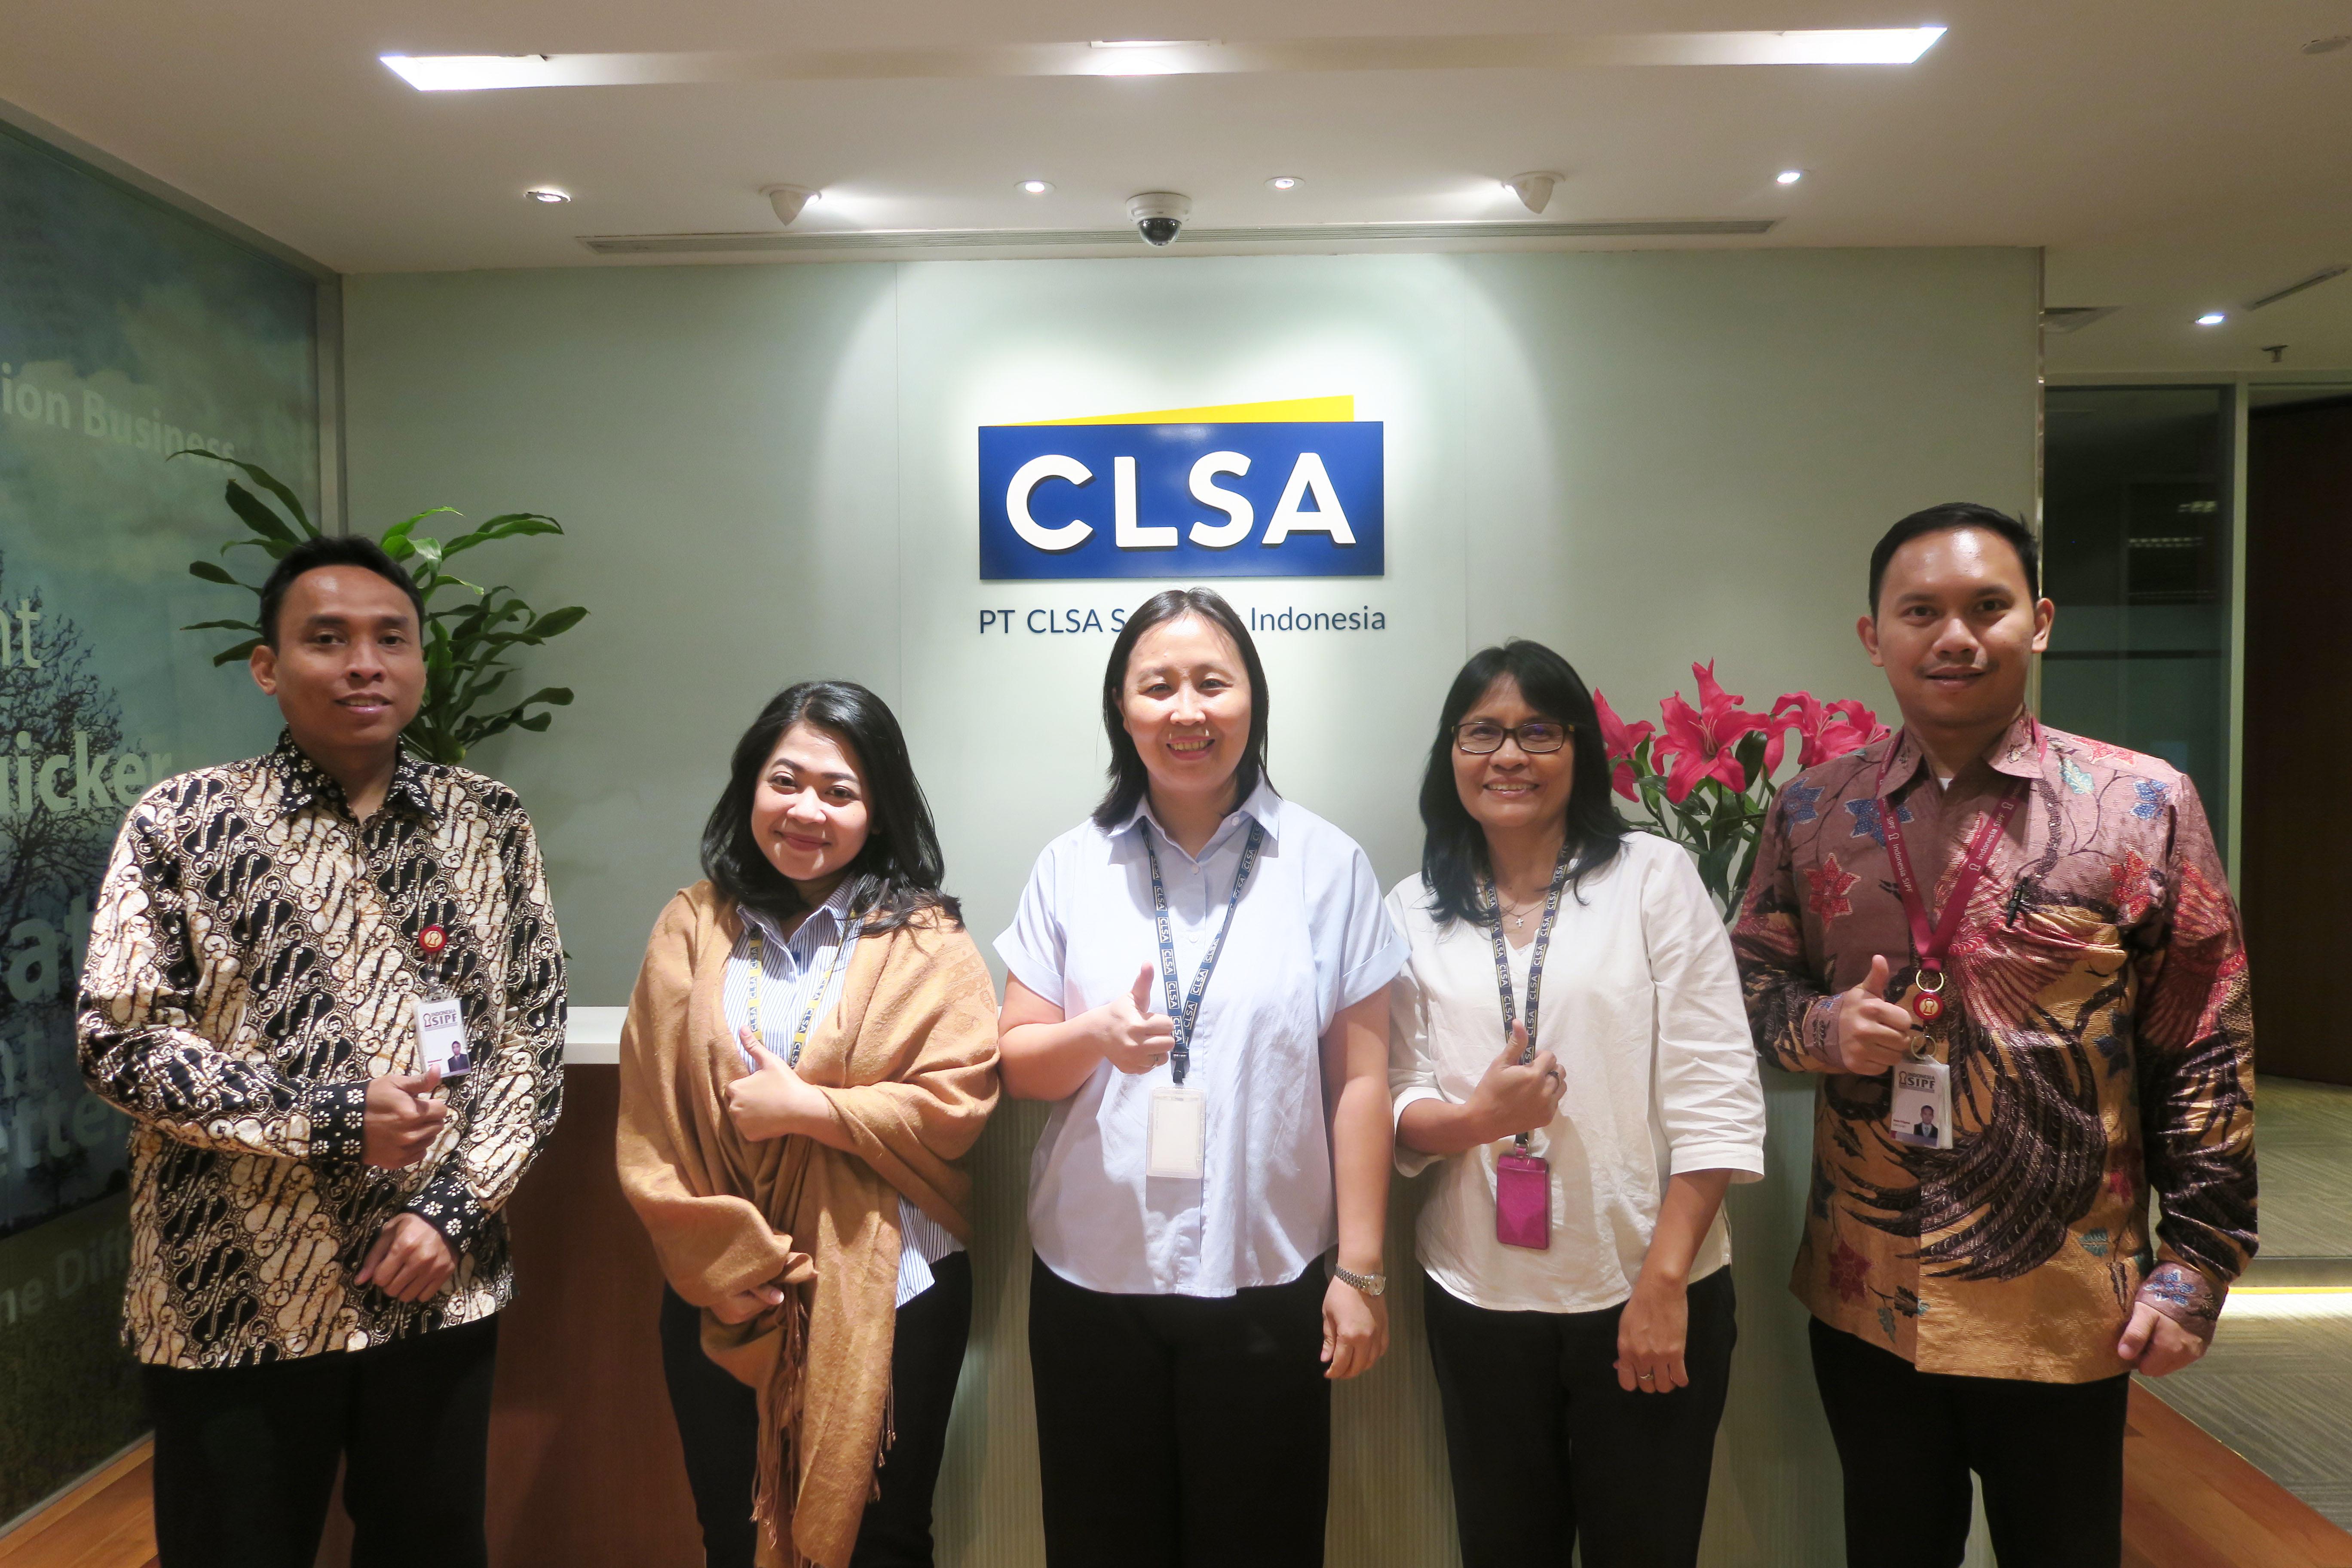 Kunjungan ke PT CLSA Sekuritas Indonesia dalam Rangka Sosialisasi Dana Perlindungan Pemodal